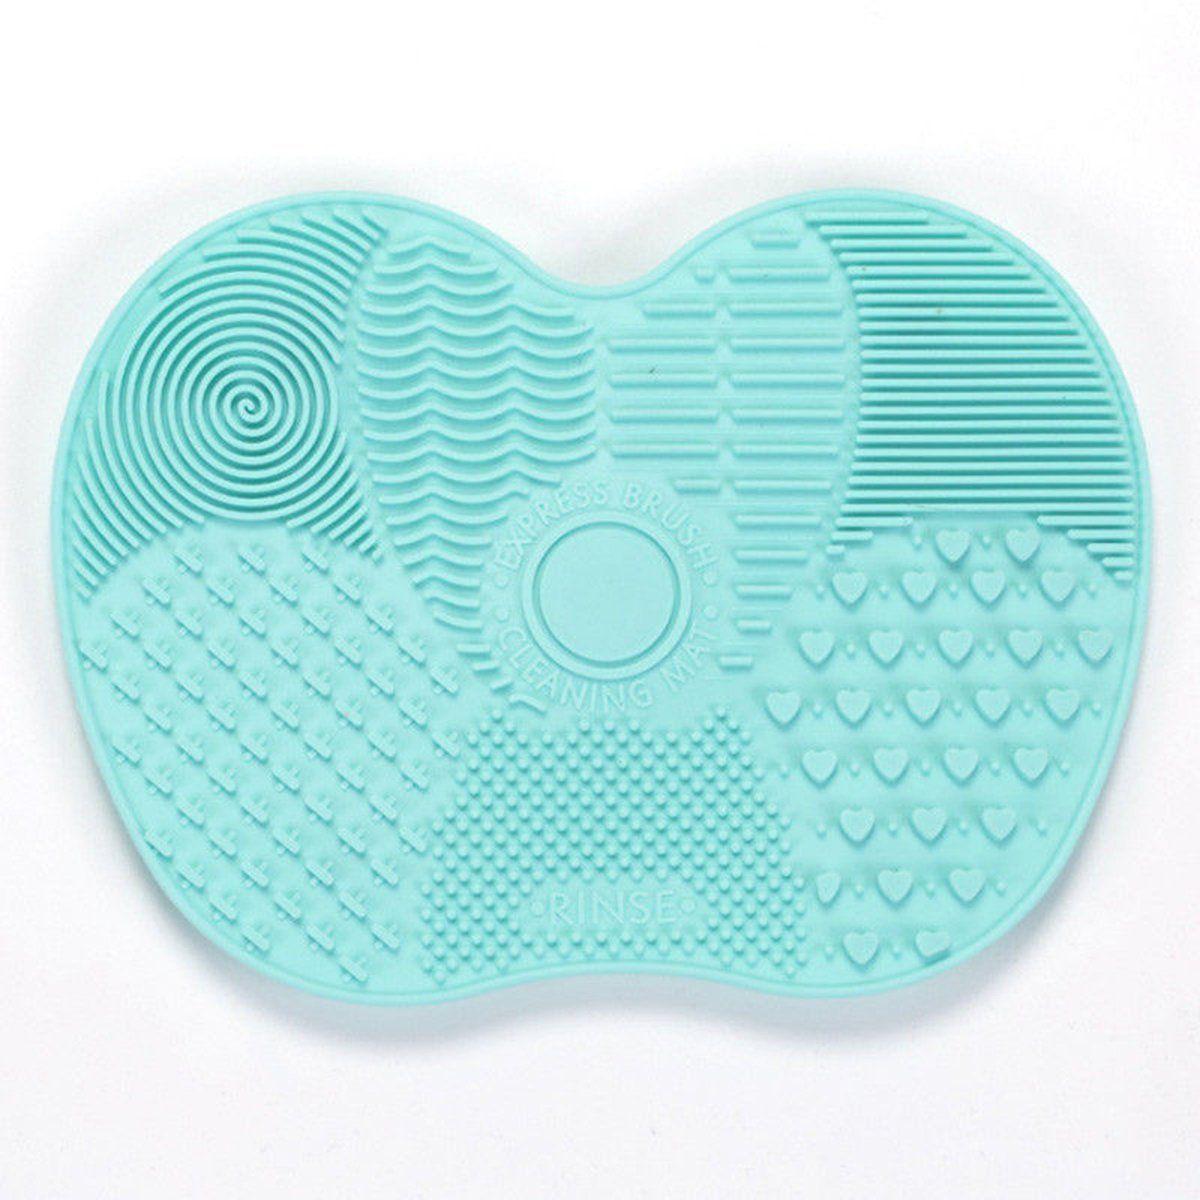 Silikon Make-Up Pinsel Reinigung Pad Matte Pinsel Waschen Werkzeuge Kosmetische Augenbraue Pinsel Reiniger Werkzeug Wäscher Bord Make-Up Reinigung – gruen